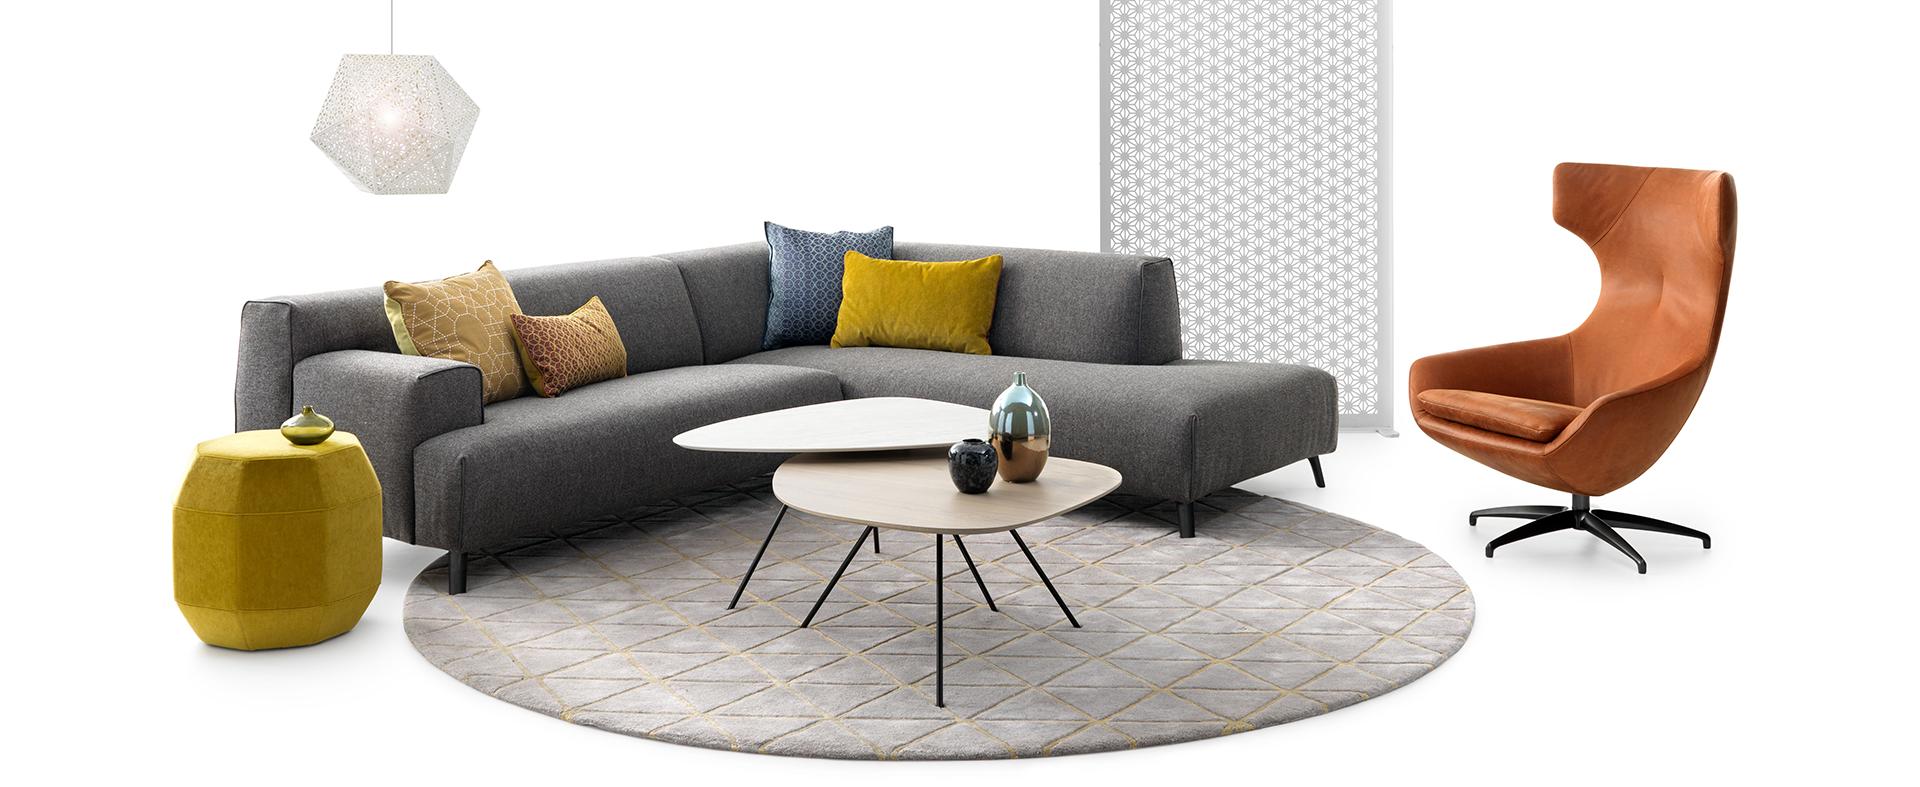 bent over the sofa leolux oscar bank leolux banken. Black Bedroom Furniture Sets. Home Design Ideas